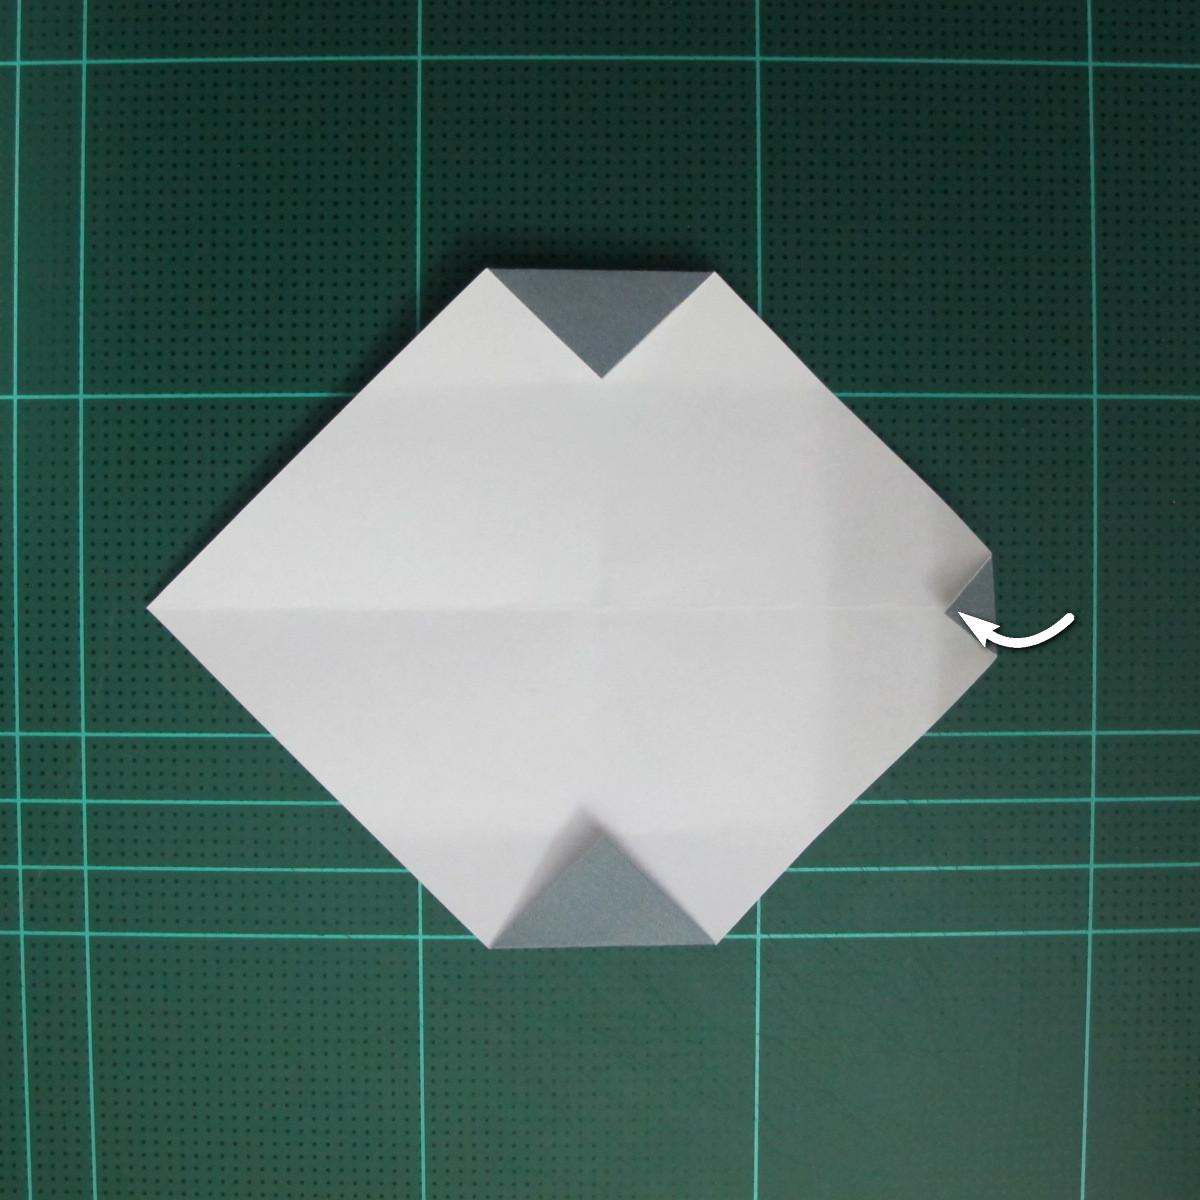 วิธีพับกระดาษเป็นรูปลูกสุนัข (แบบใช้กระดาษสองแผ่น) (Origami Dog) 016